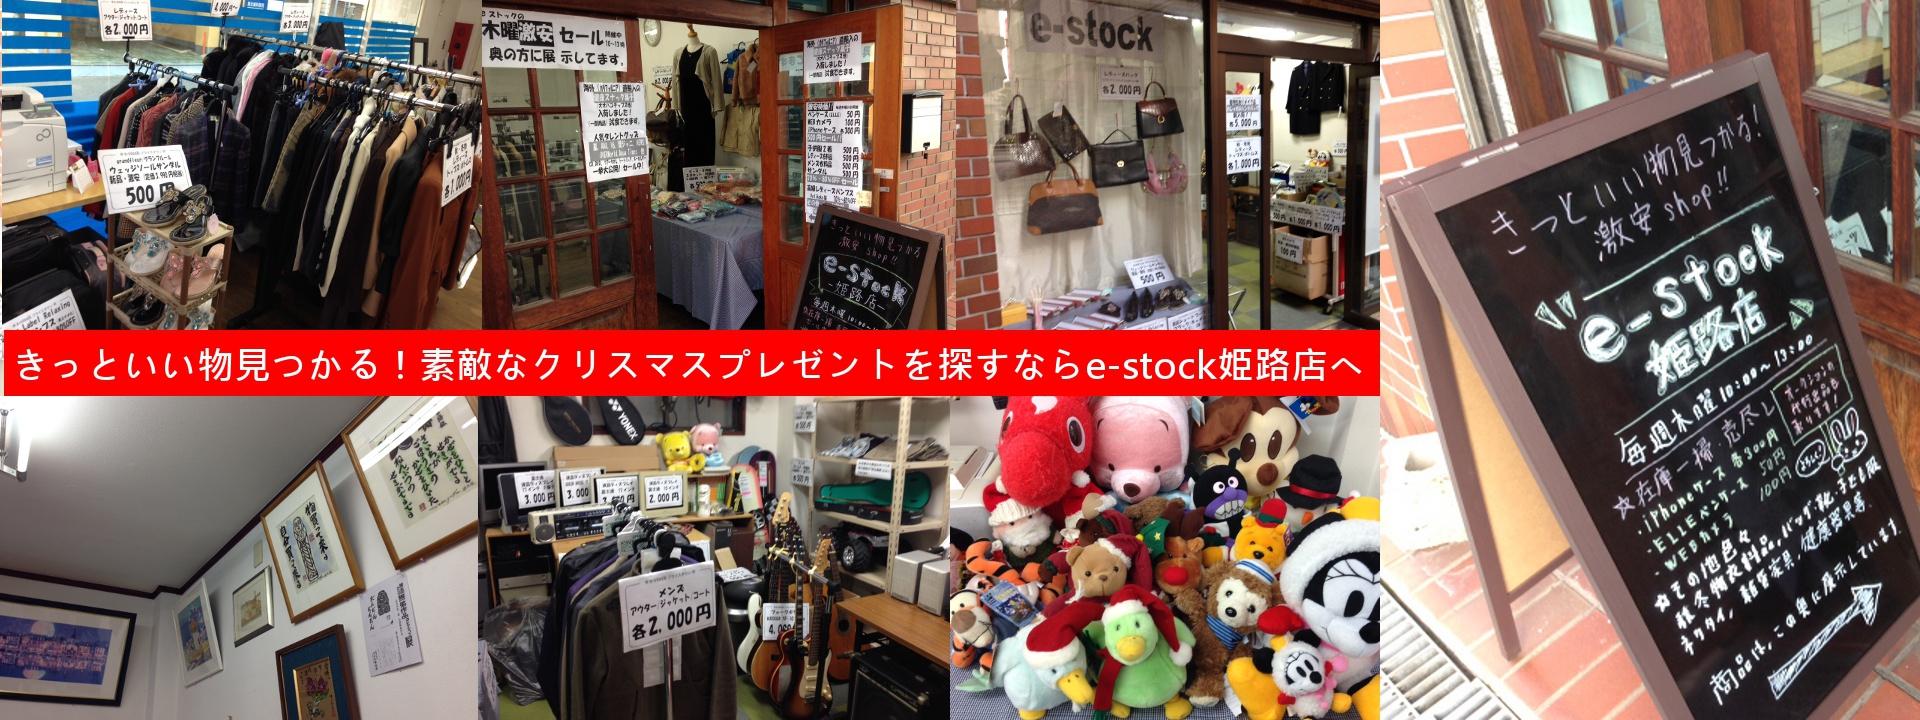 e-stock_store2